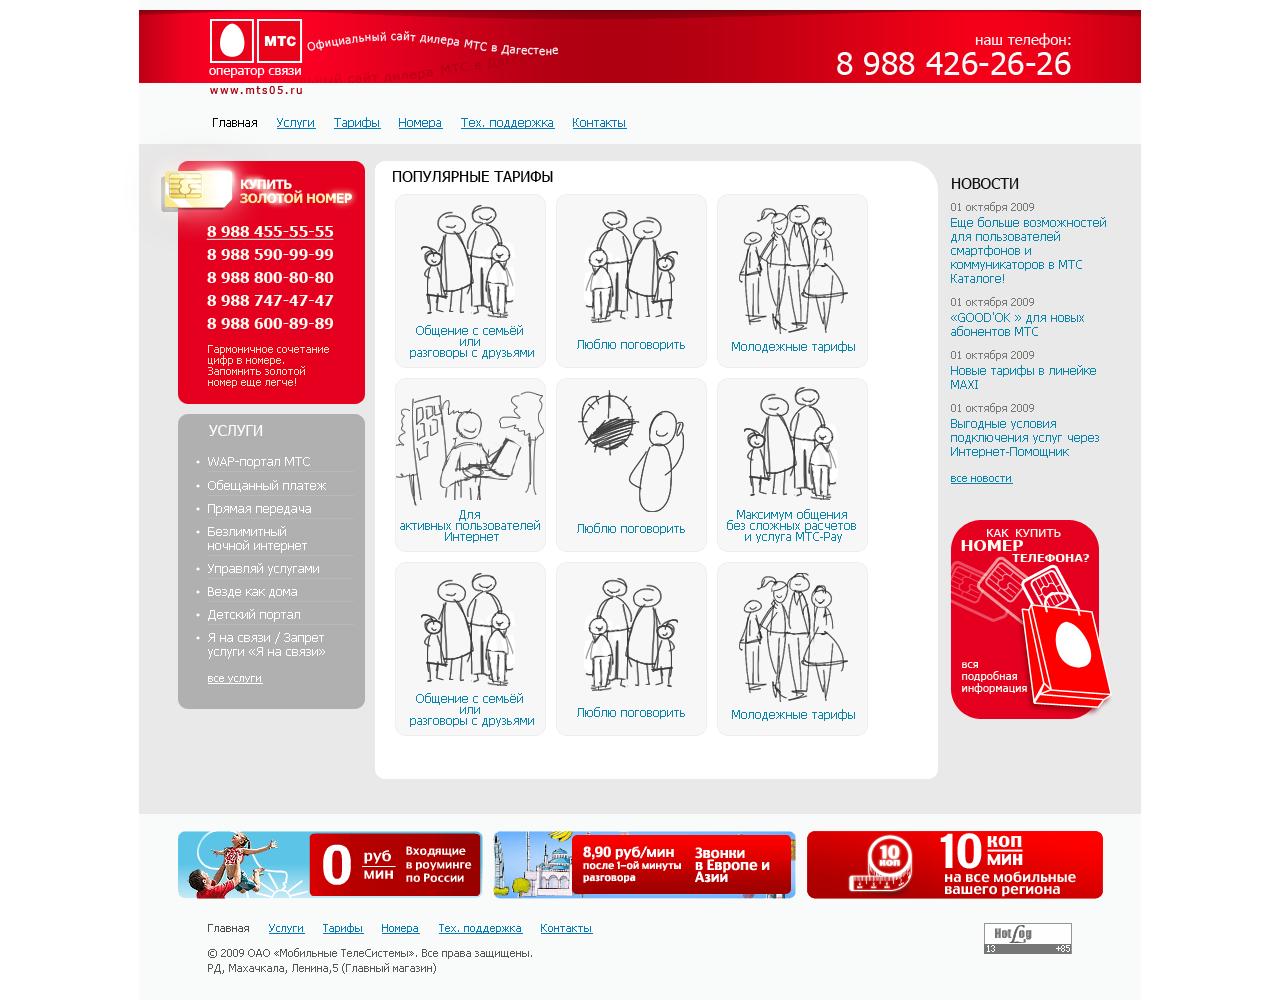 МТС - сайт дилера в Дагестане